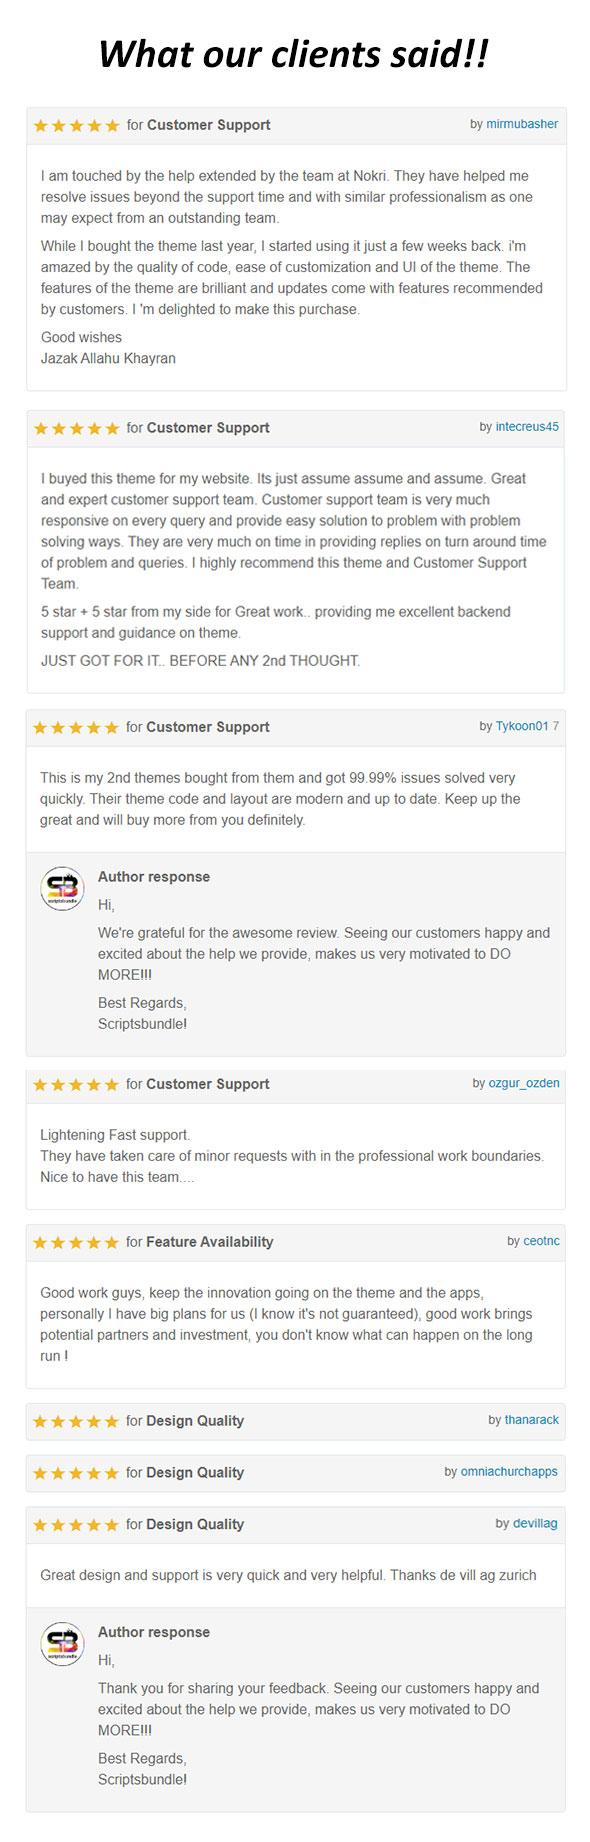 nokri job board theme reviews